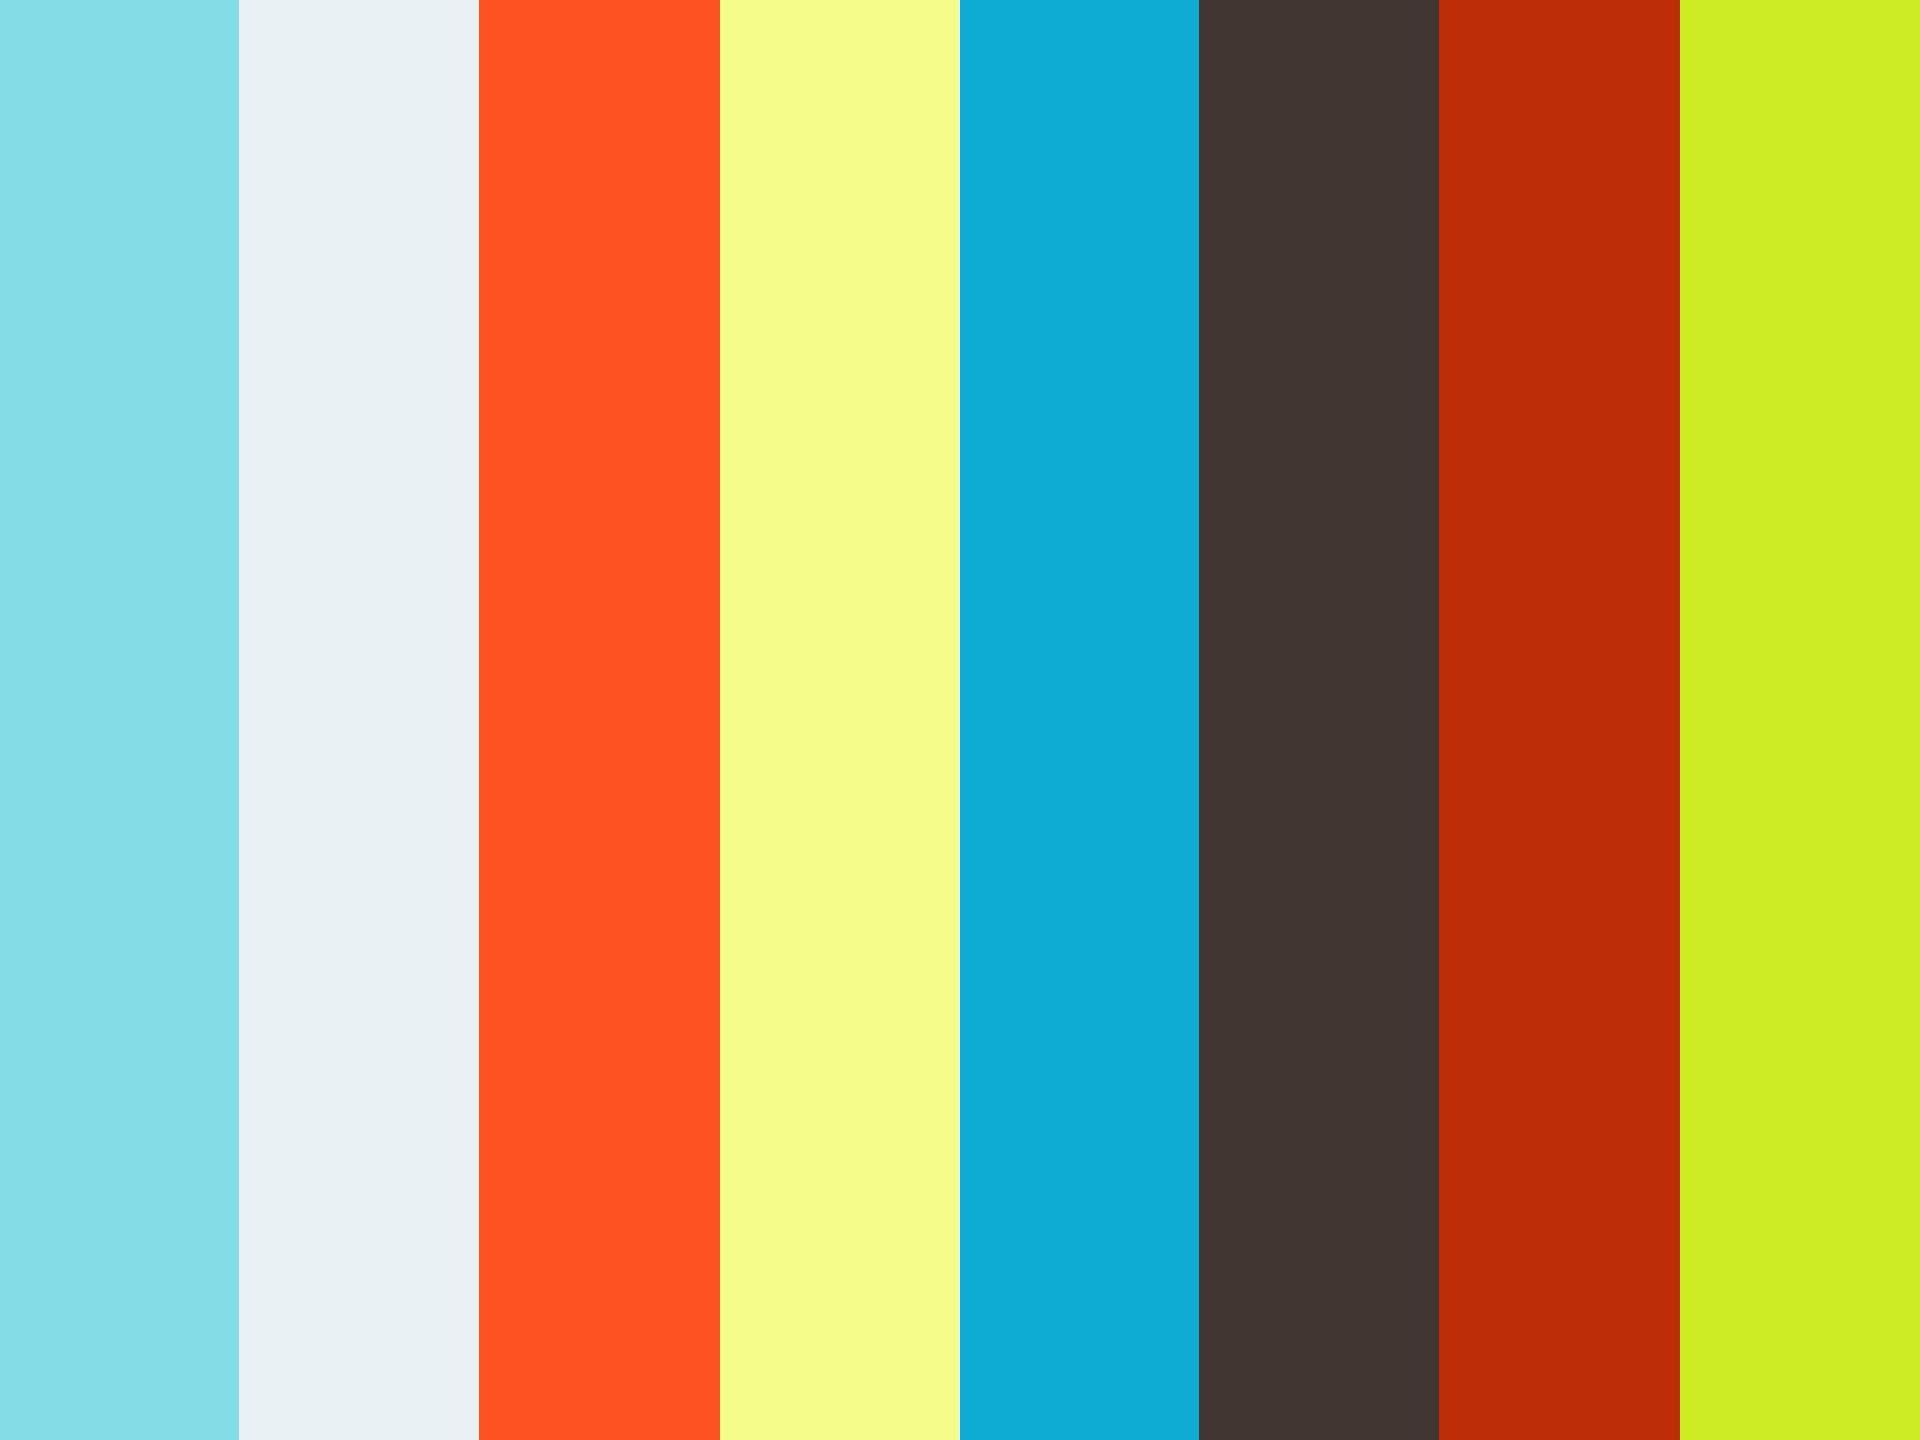 Μένω σπίτι και μαθαίνω | Προδημοτική | Φυσικές Επιστήμες ( Η Γέννηση ενός Φυτού – Παραμύθι και επεξεργασία)  14/4/20  Επ. 12